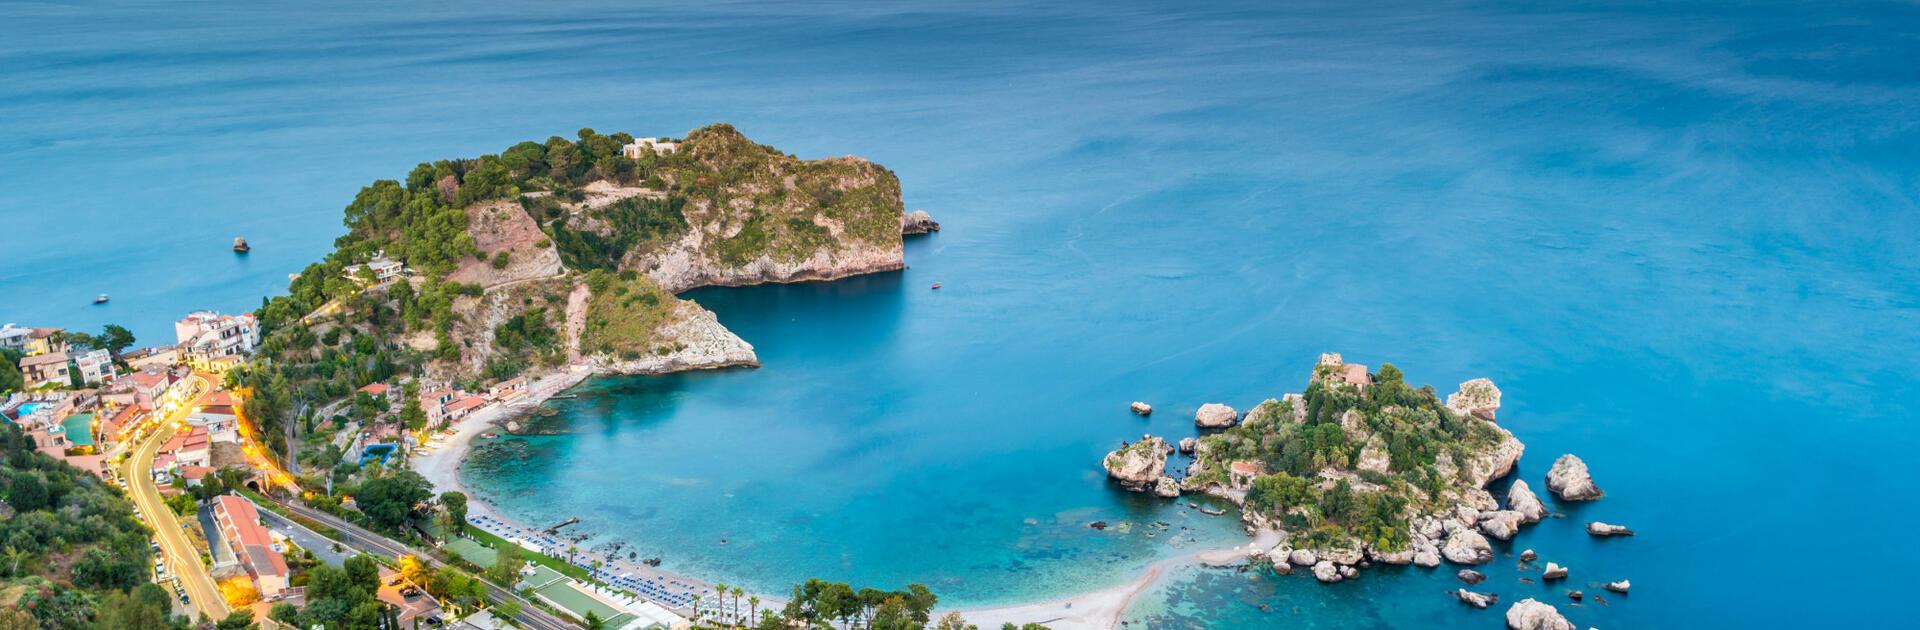 Sicheren Urlaub in Sizilien